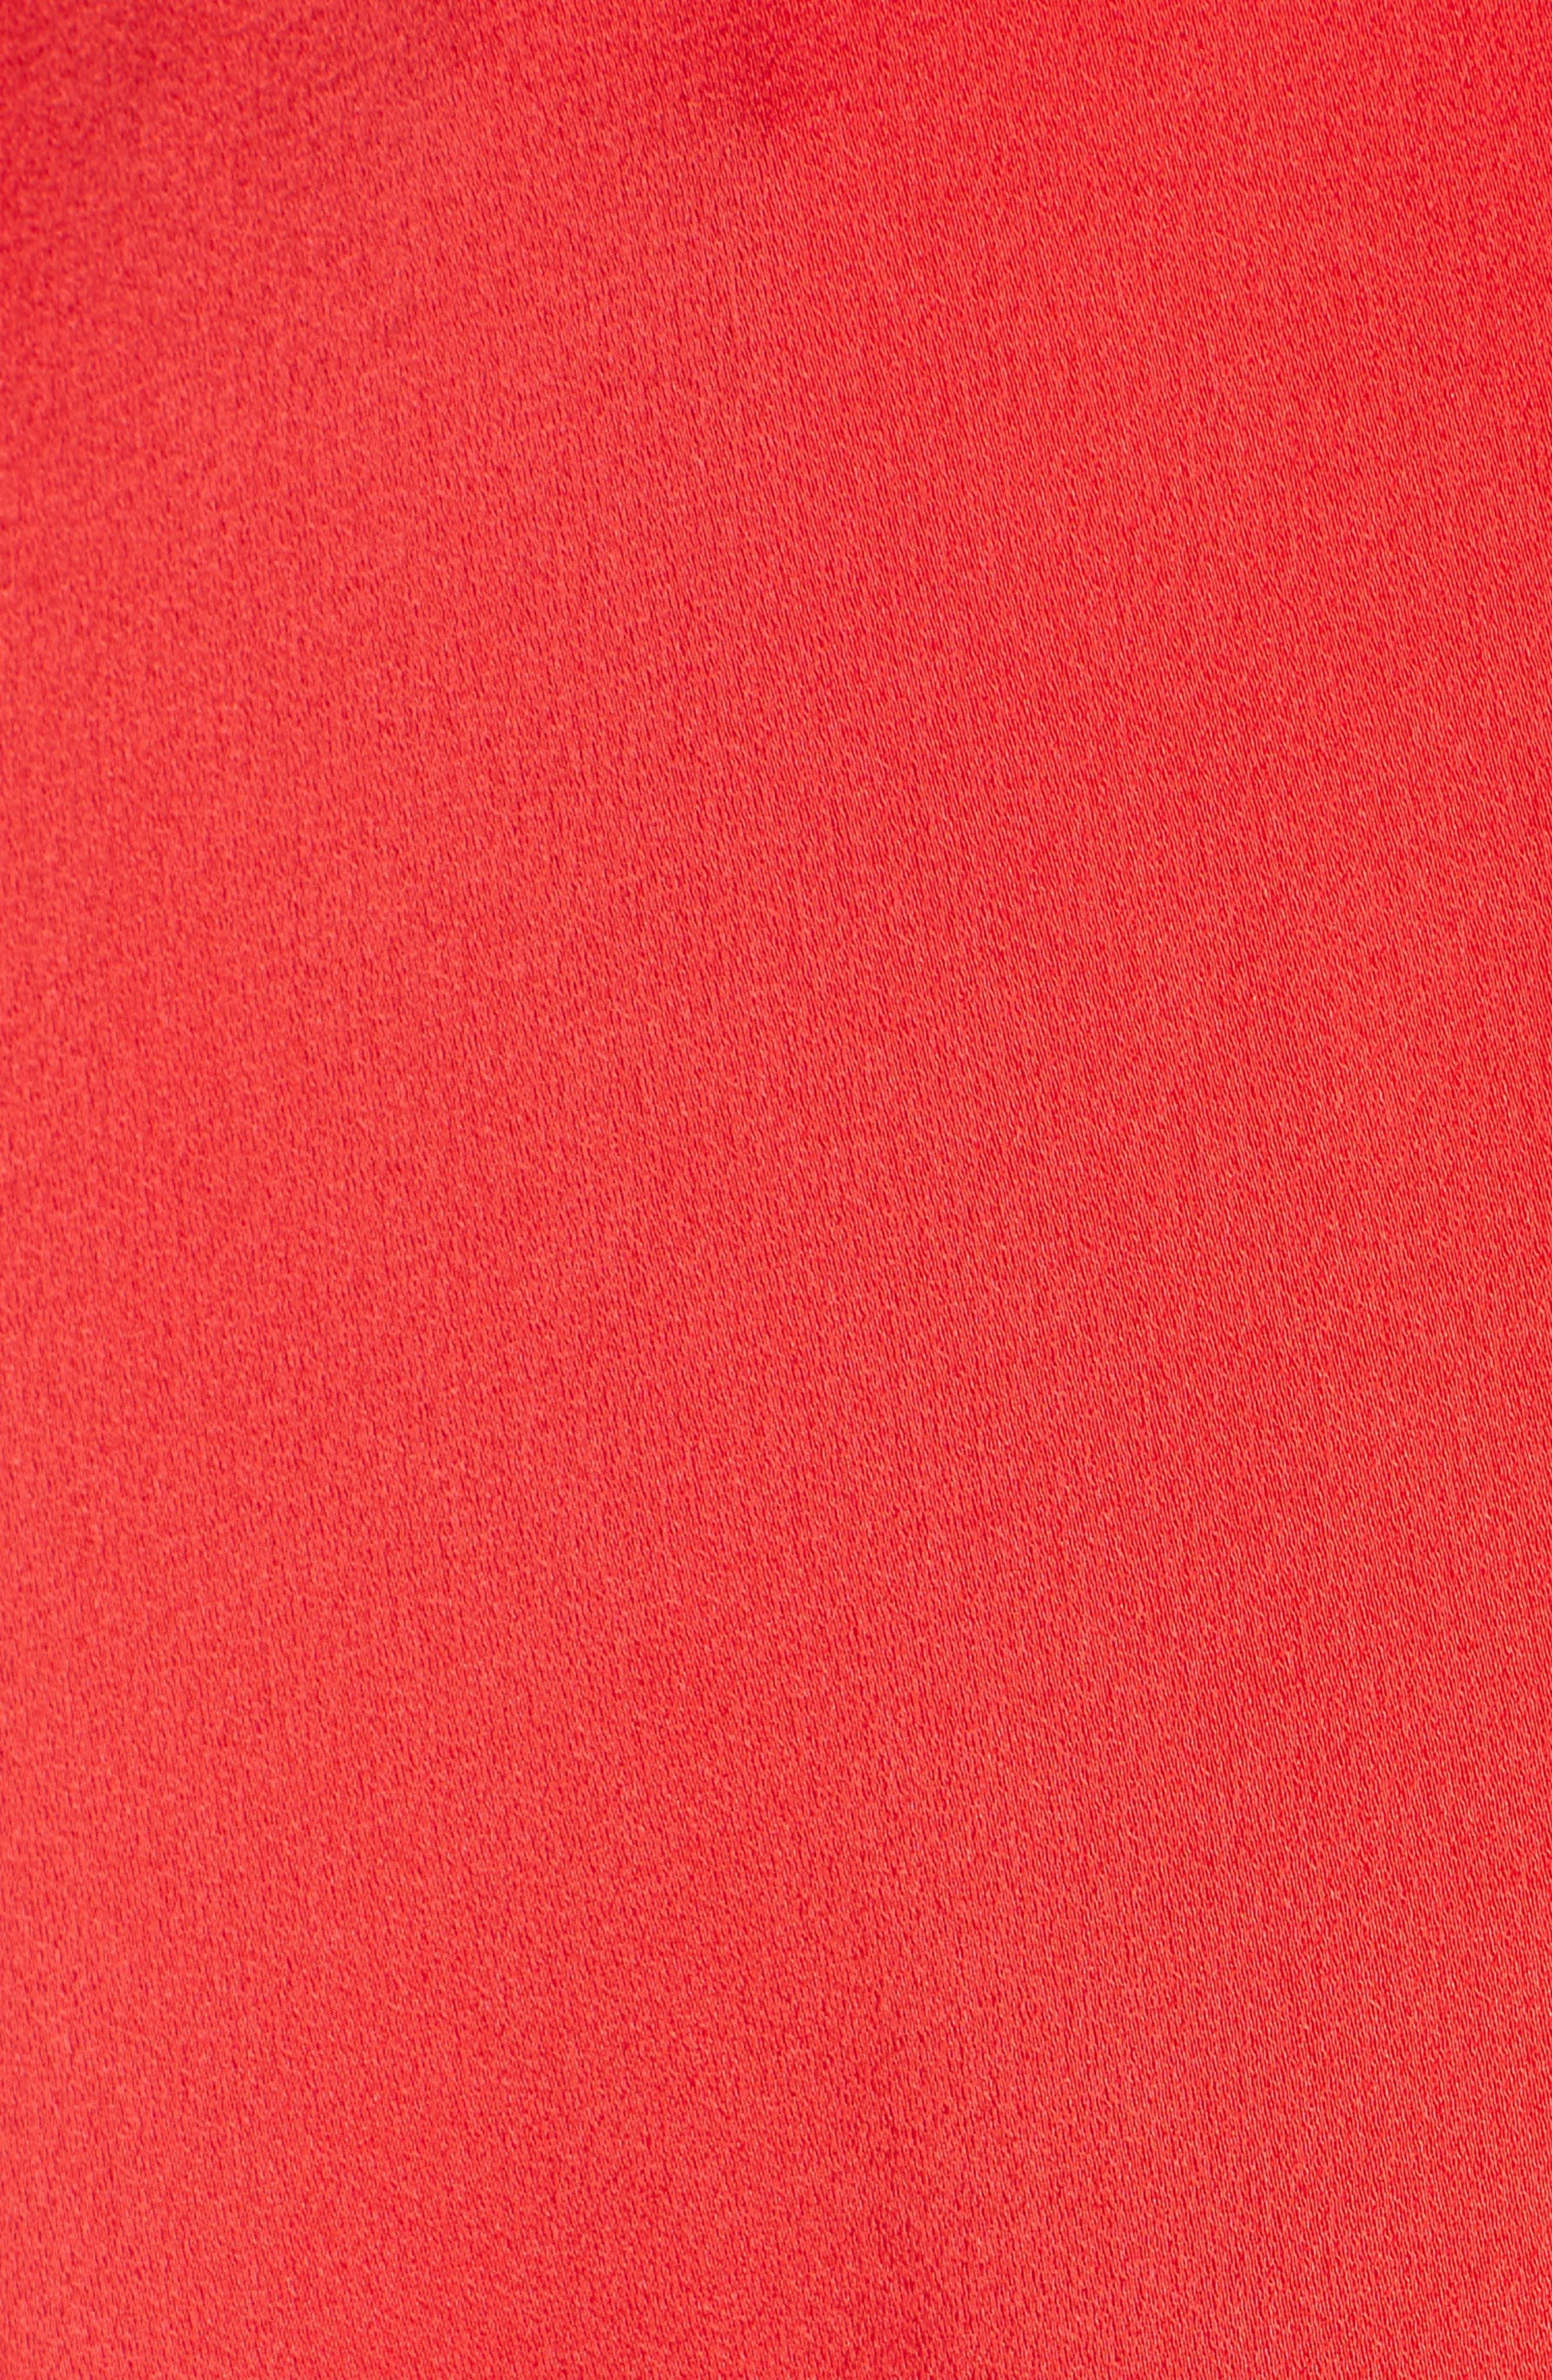 Bell Sleeve Tie Neck Dress,                             Alternate thumbnail 3, color,                             Poppy